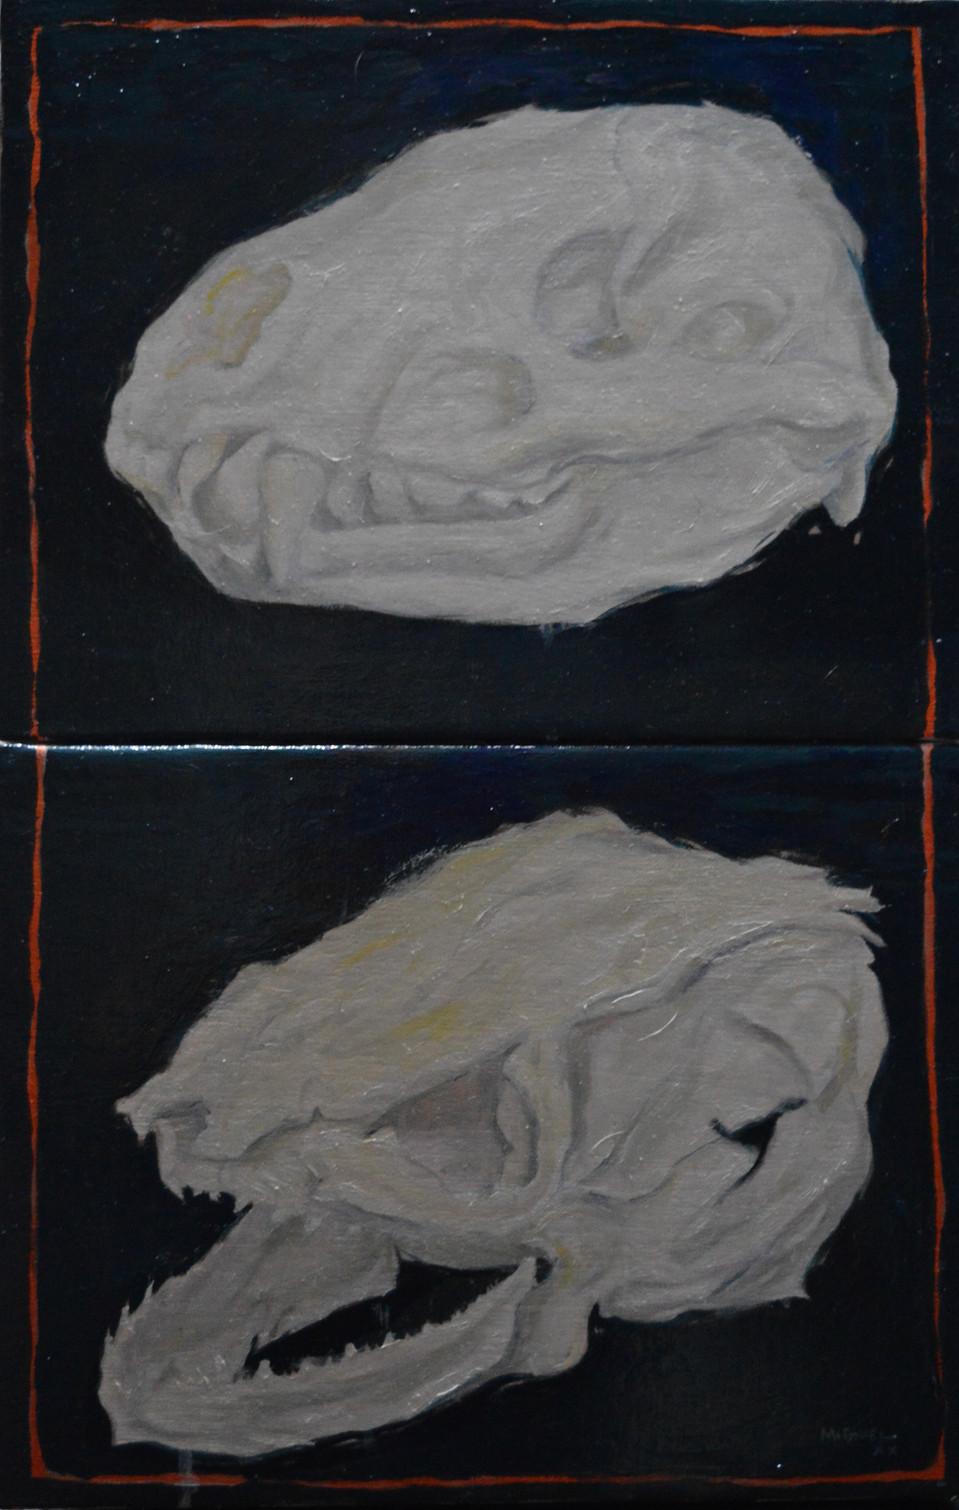 2 crânes